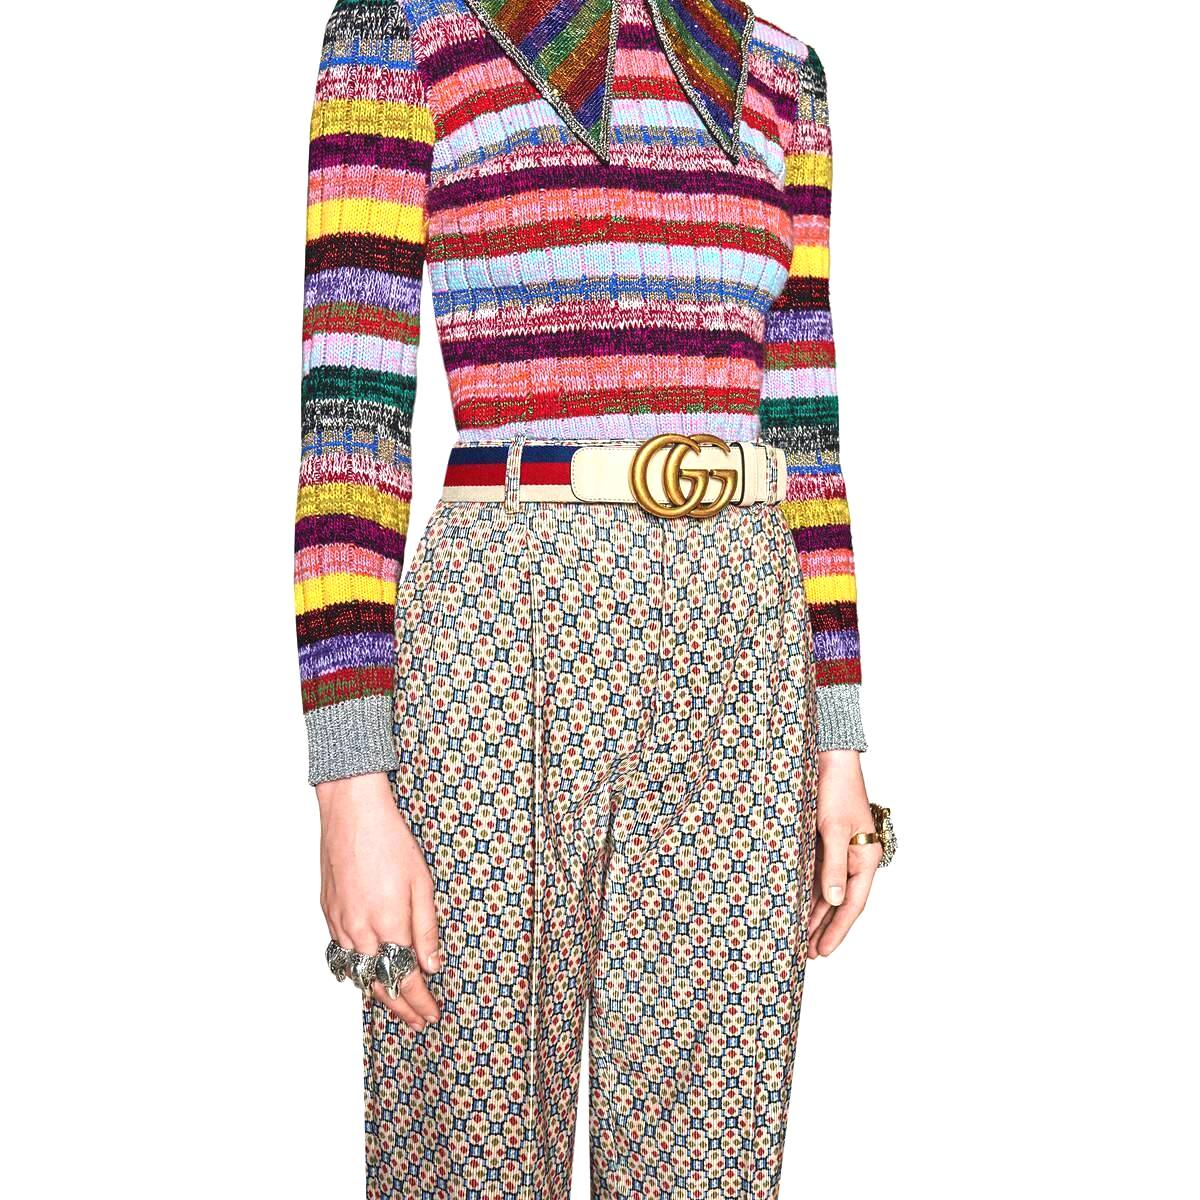 Thắt lưng Gucci hàng hiệu – Phụ kiện quan trọng trong ngành thời trang